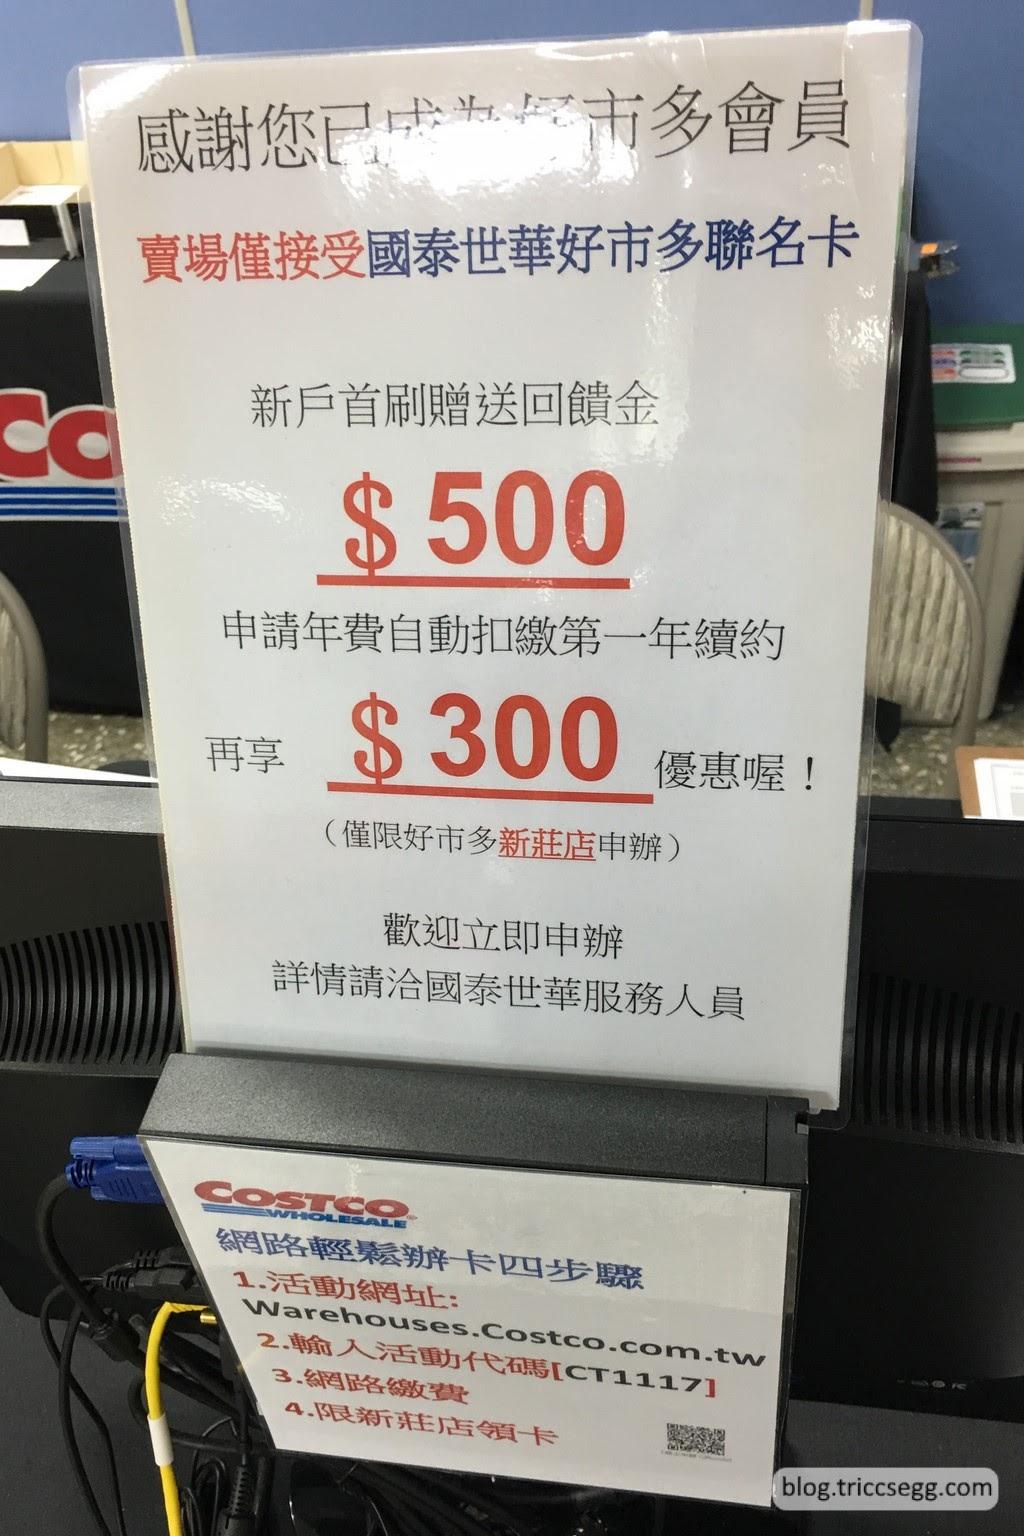 costco會員卡(9).jpg